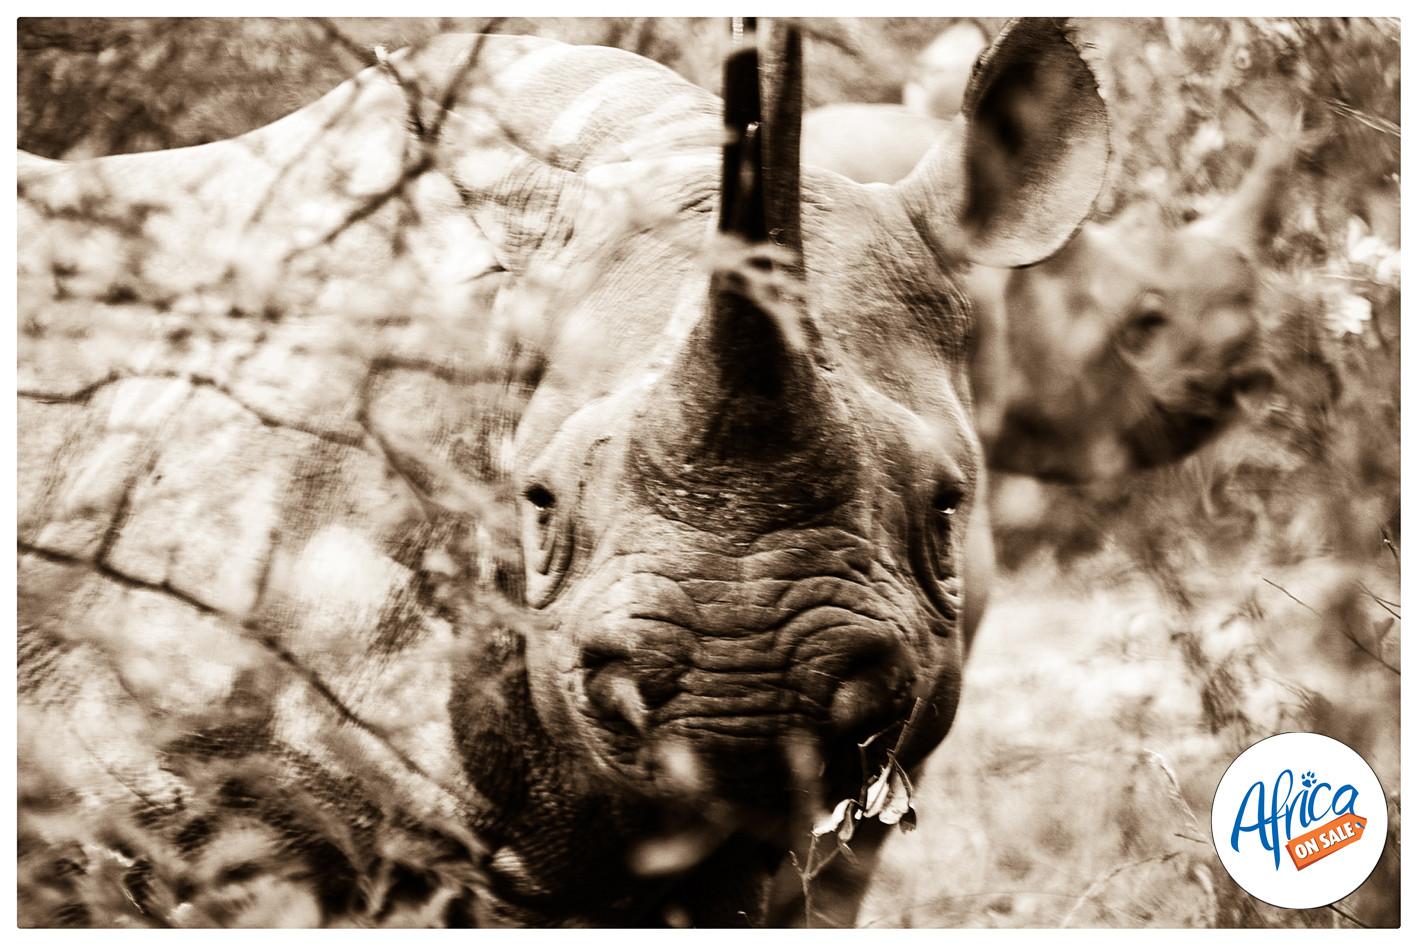 Rhino-black